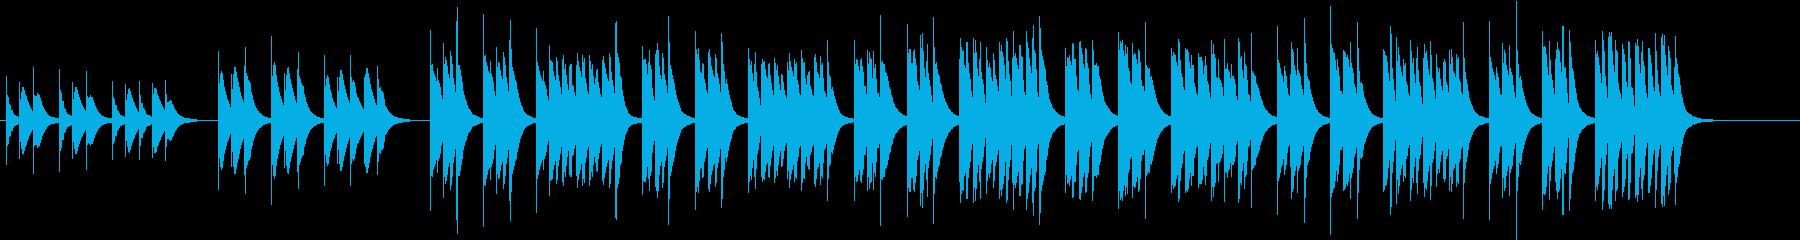 木琴で作った軽快で短い曲の再生済みの波形